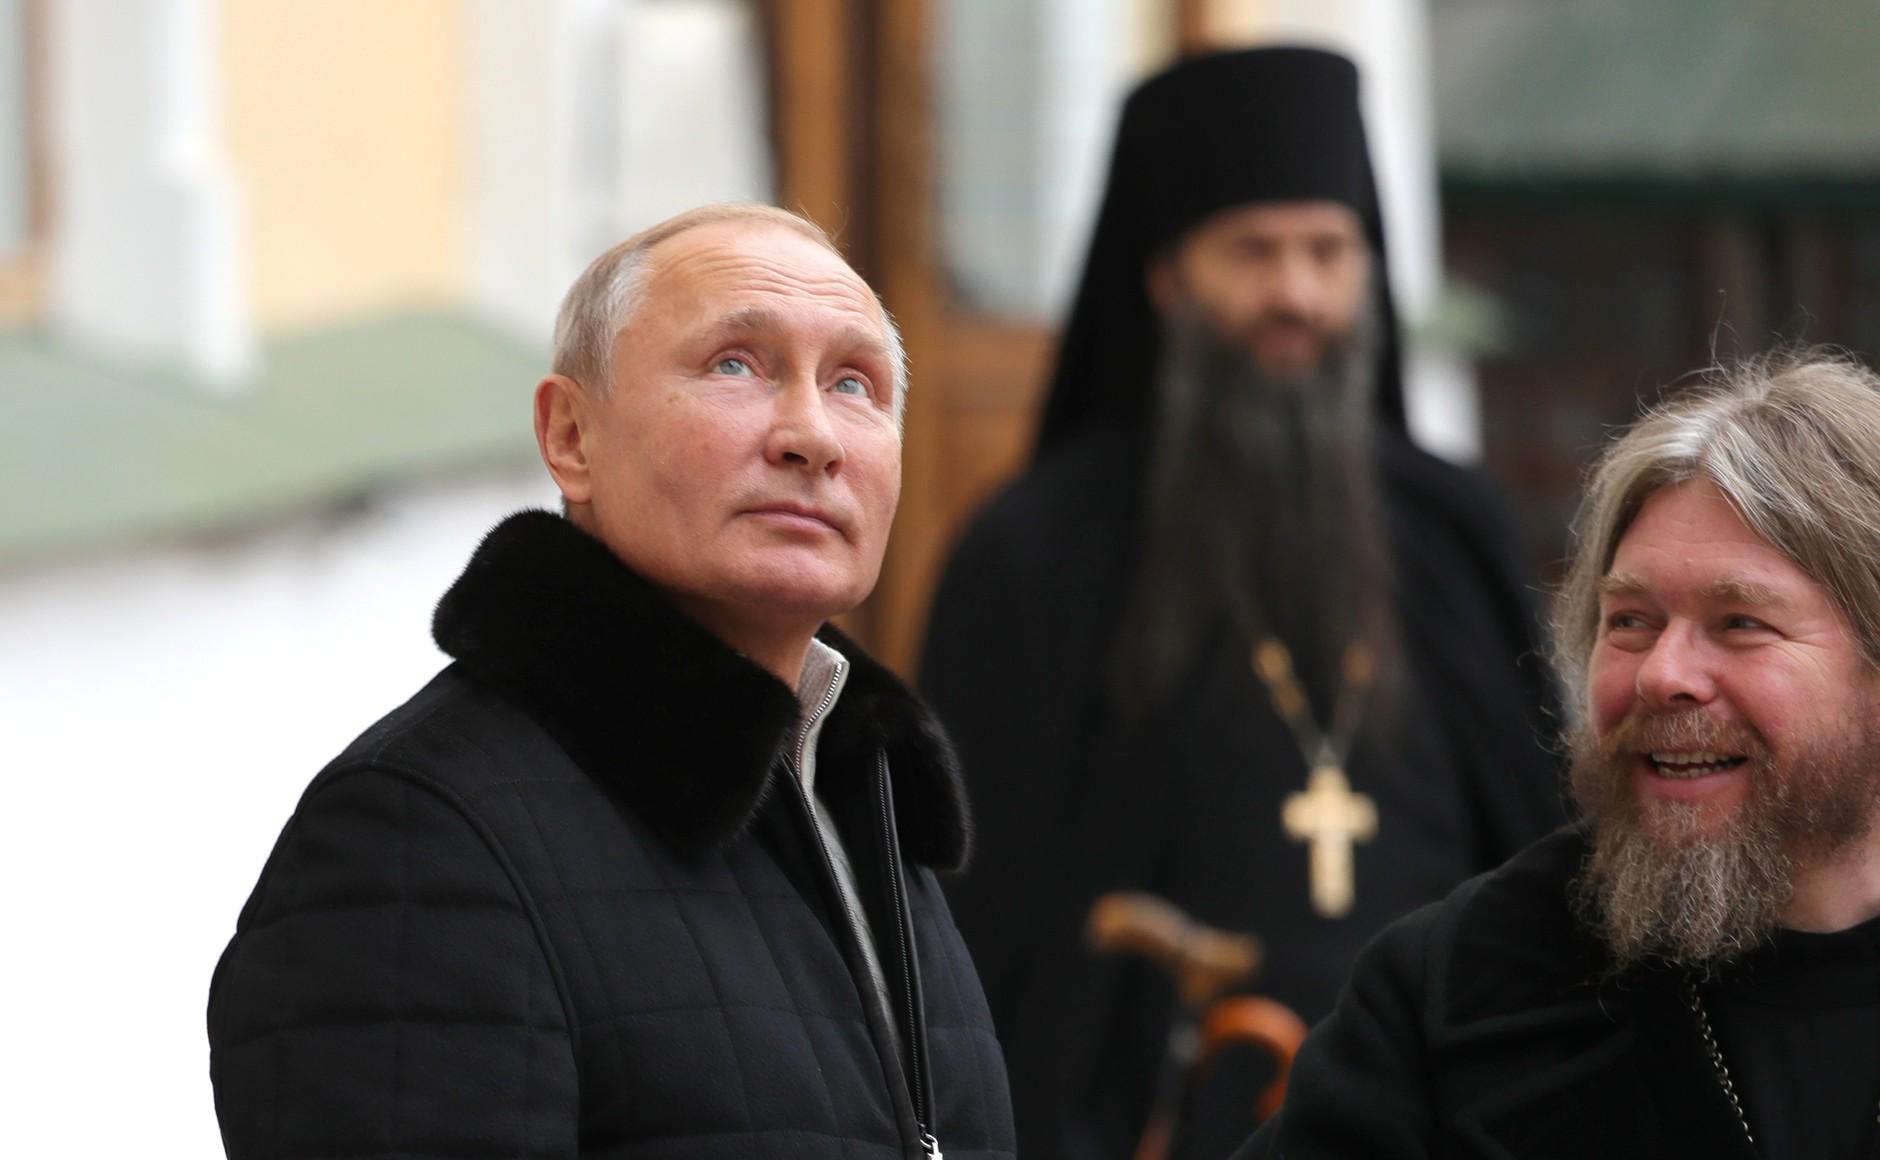 #РусскоеПолеФотоДня Президент посетил Свято-Успенский Псково-Печерский монастырь (18.11.18)